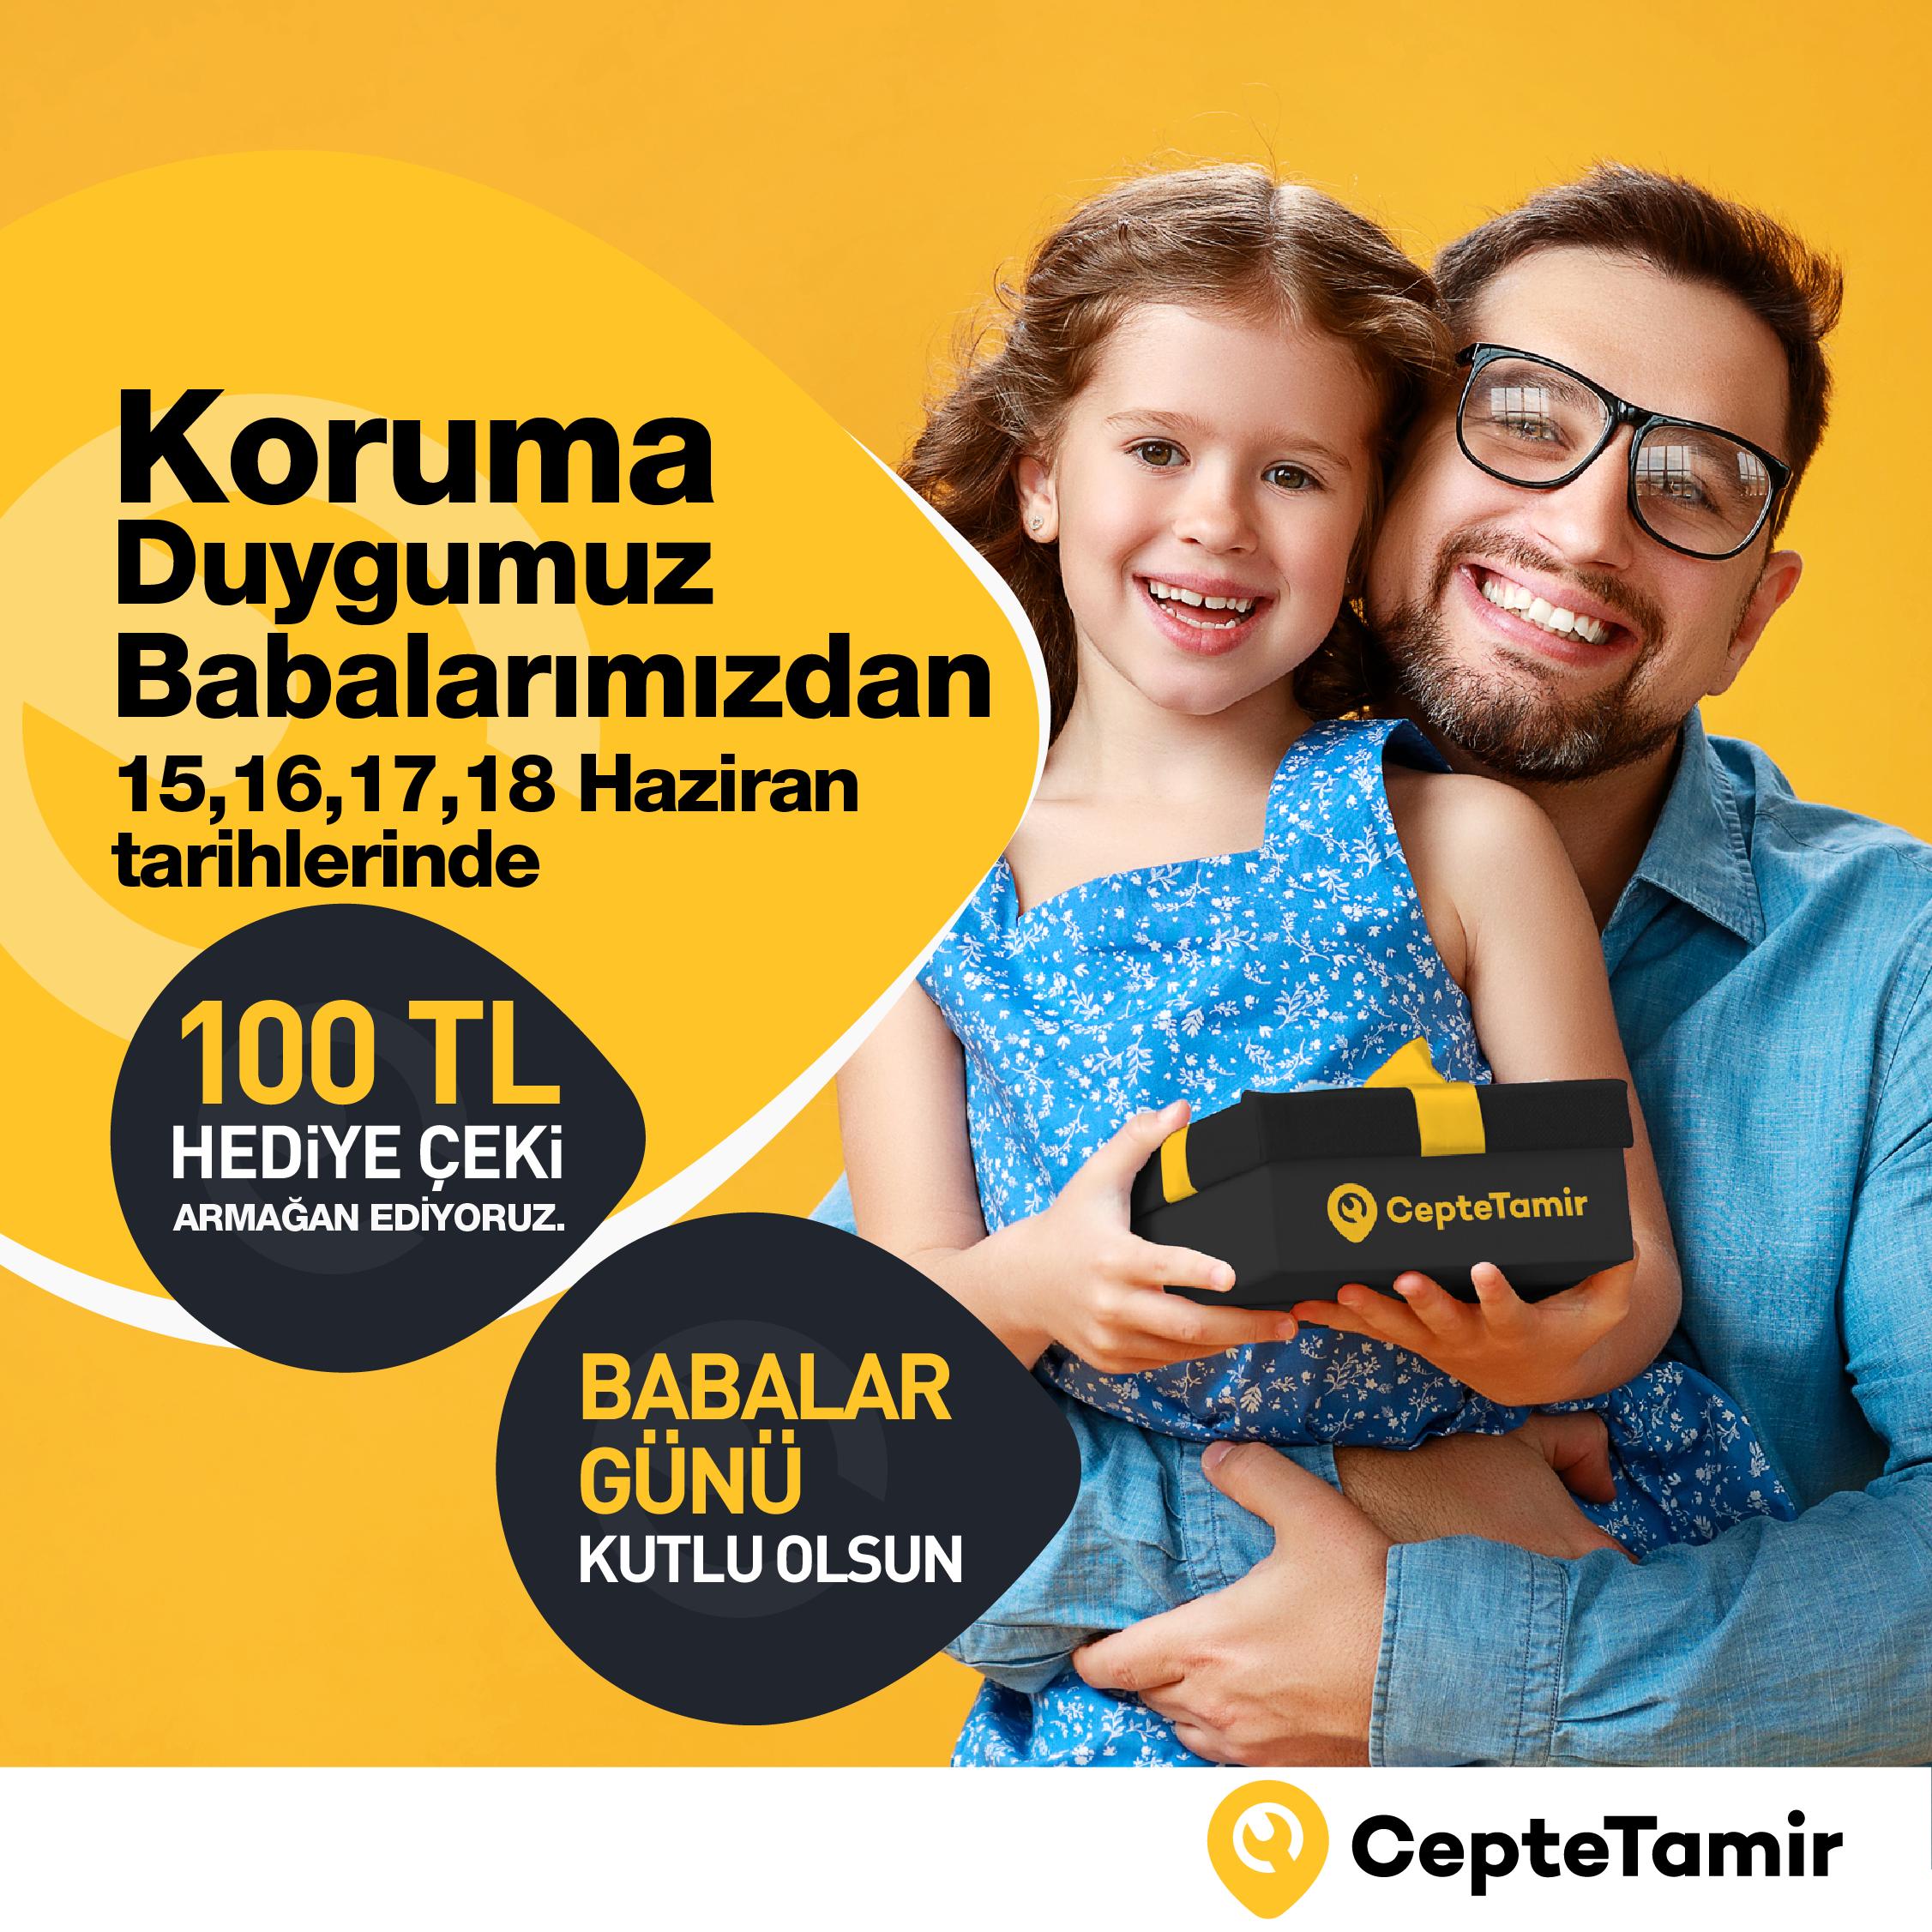 BABALAR GÜNÜ 100 TL HEDİYE ÇEKİ!